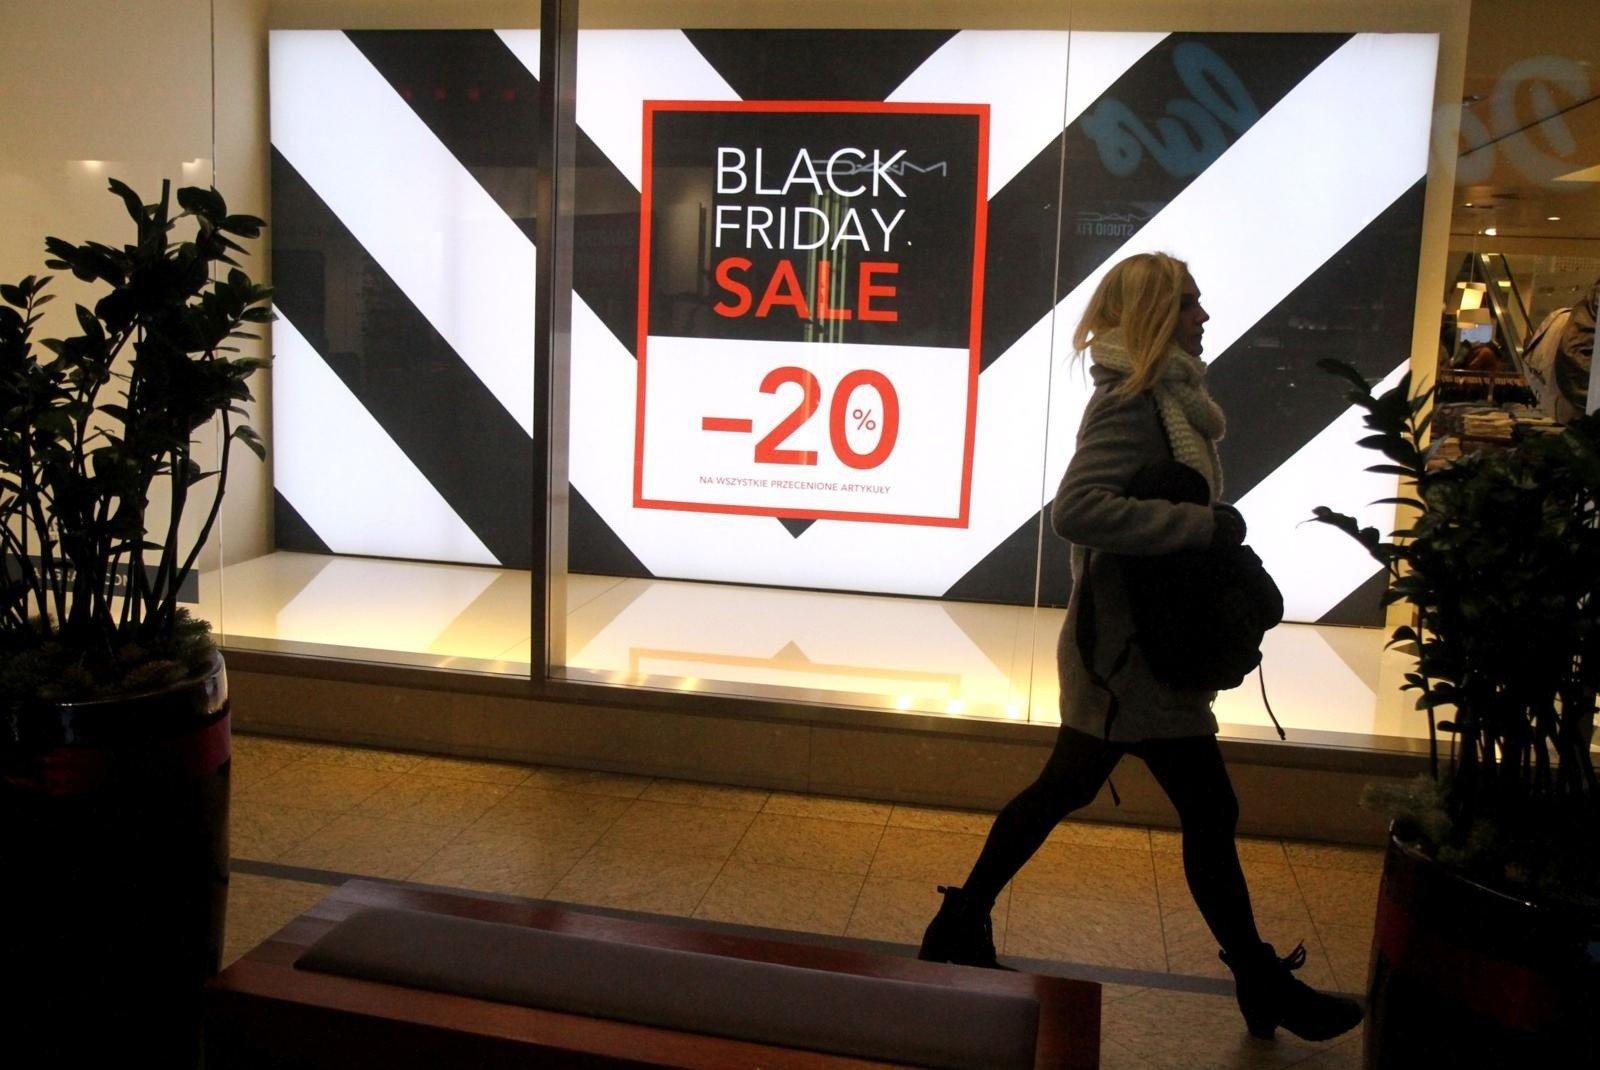 f3e8d4dedc1580 Black Friday. Kiedy jest Black Friday? Na czym polega Czarny Piątek? Gdzie  można zrobić zakupy w Black Friday?